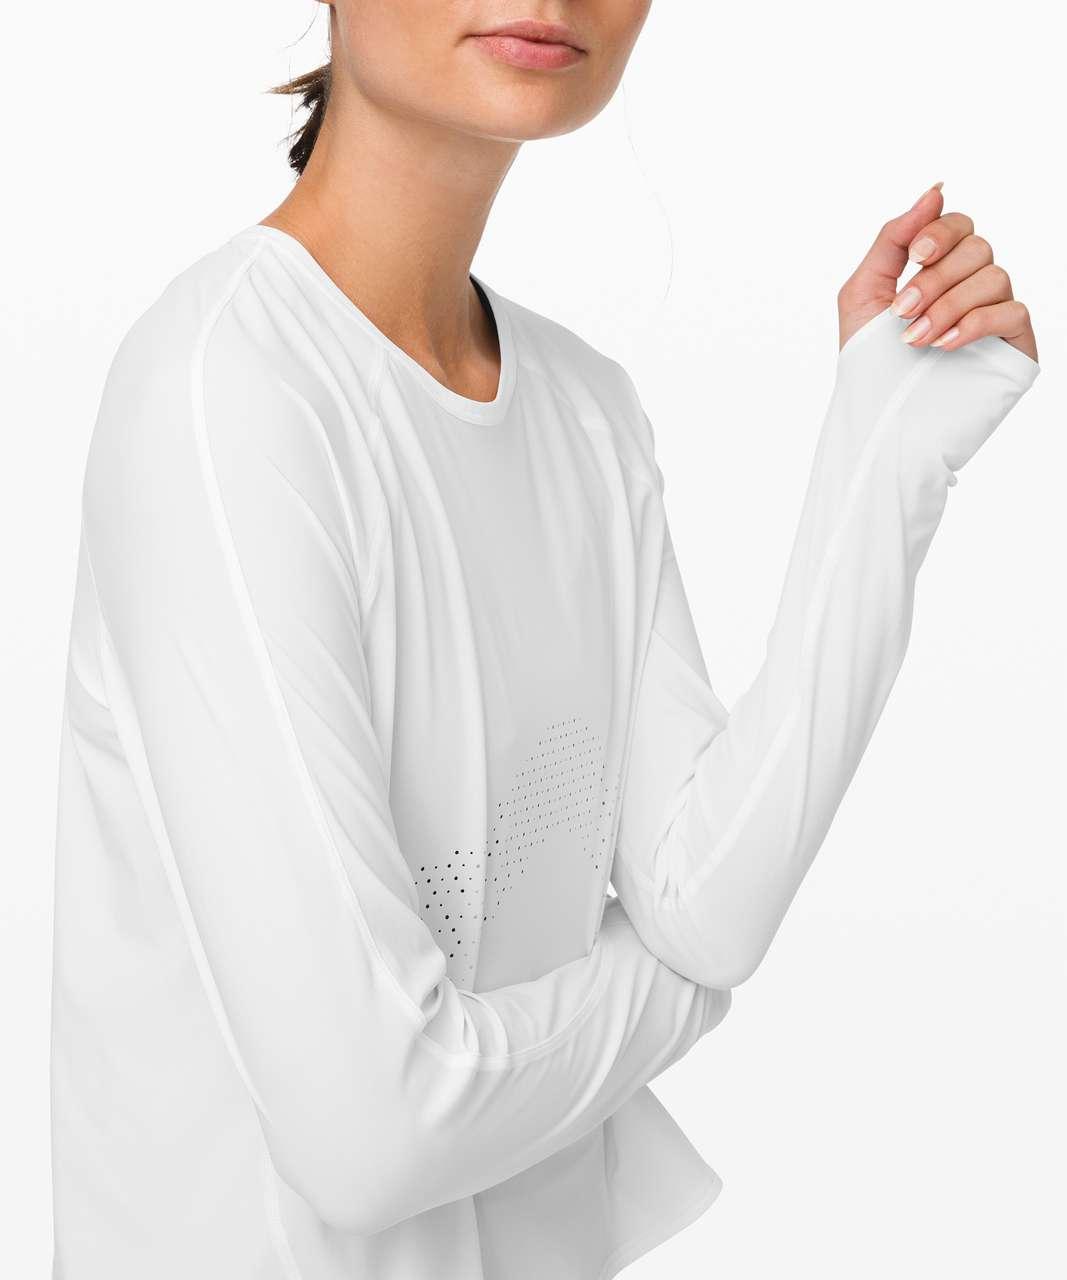 Lululemon Strong Rays Long Sleeve - White